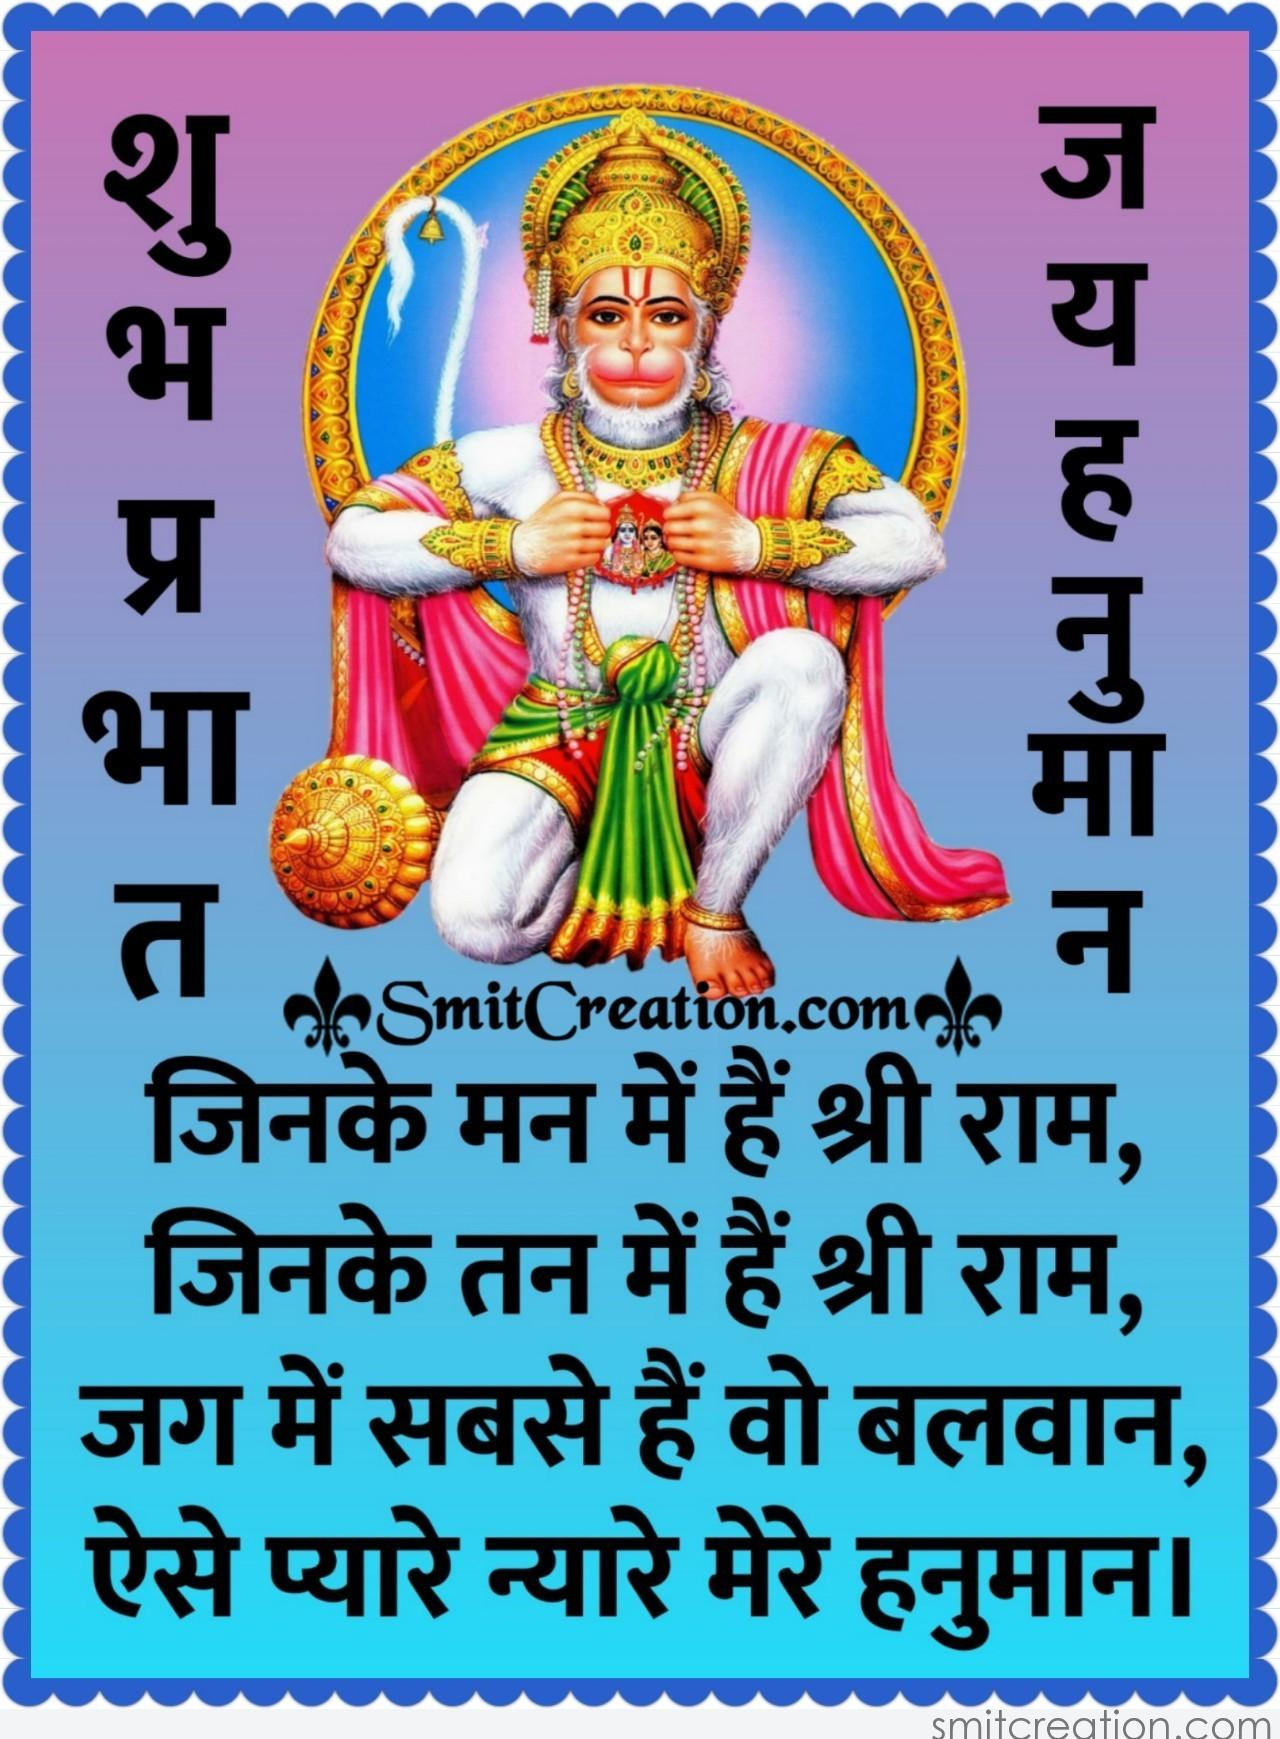 Shubh Prabhat Jai Hanuman - SmitCreation.com